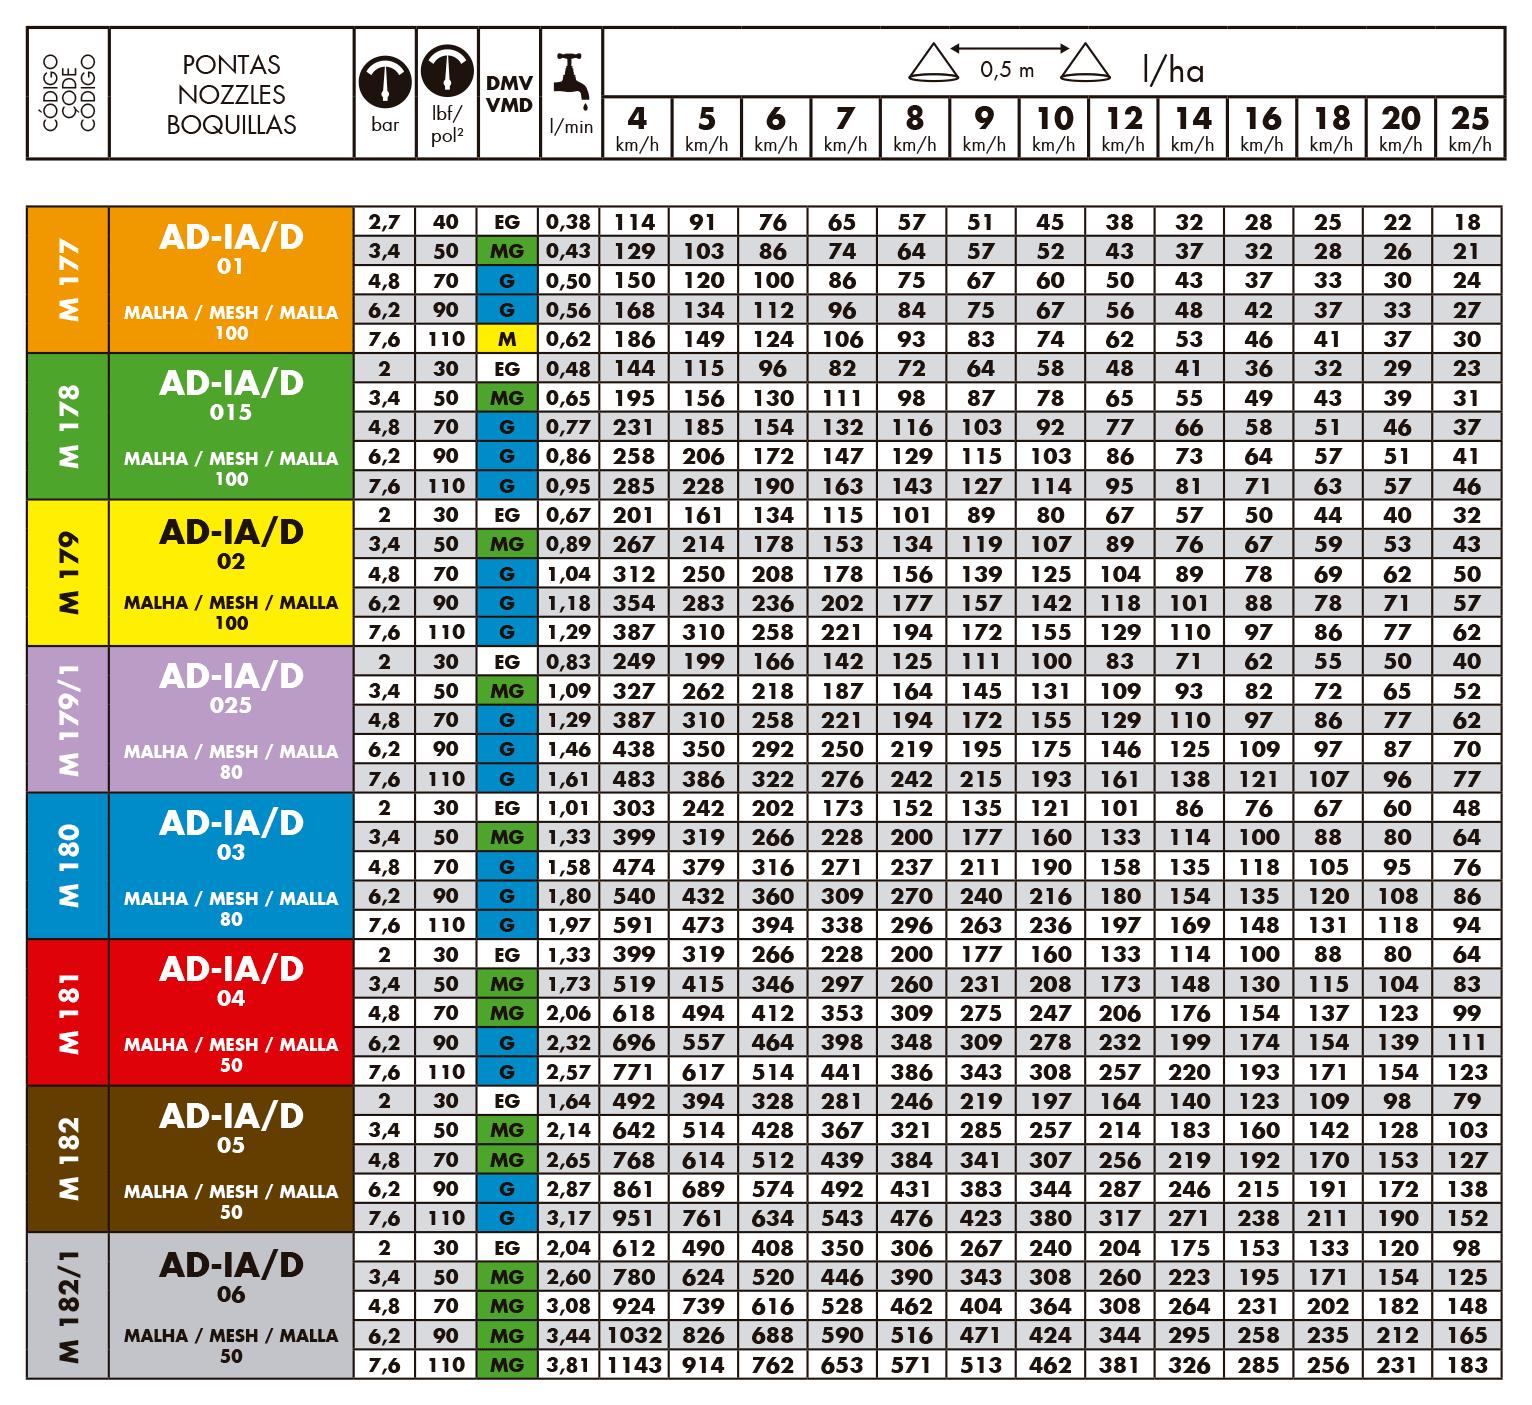 Tabela de vazões do bico de pulverização magnojet AD-IA/D